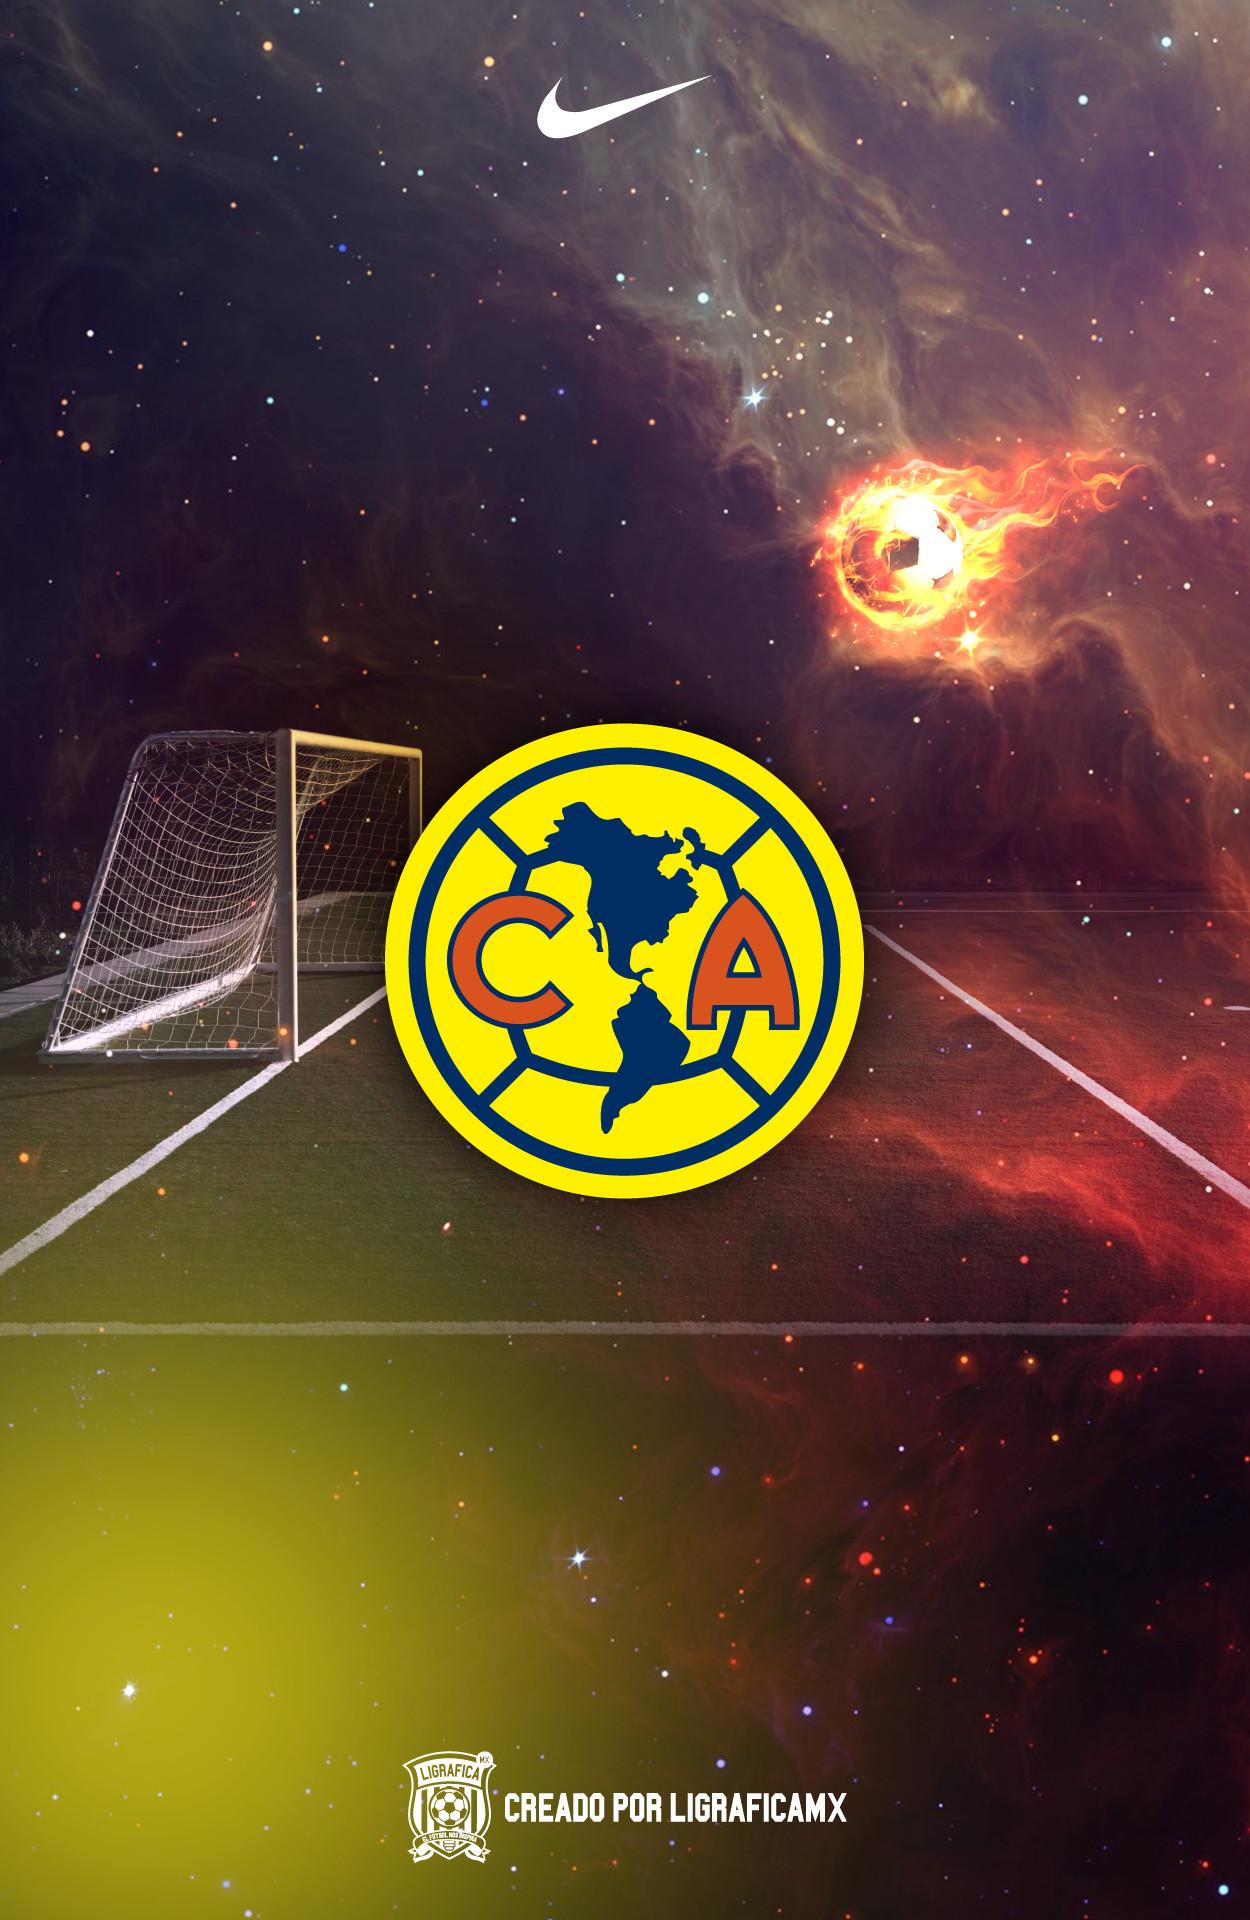 Club América @ligraficamx Más